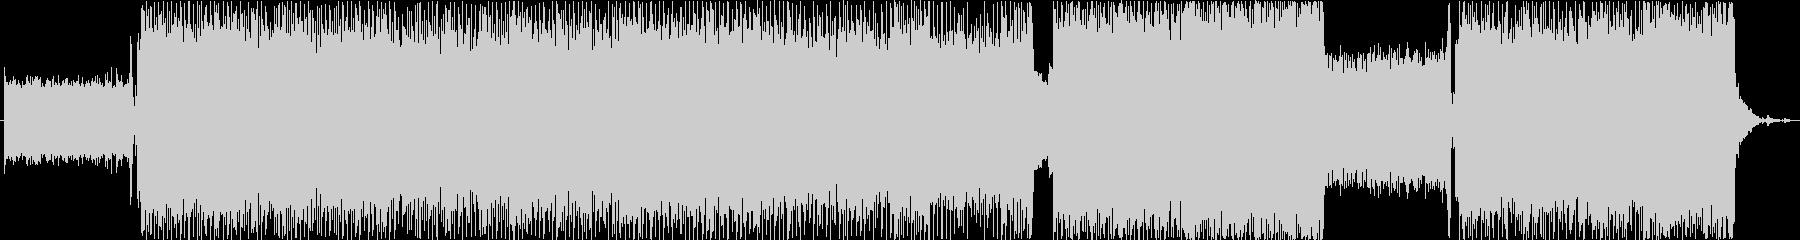 スピード感溢れるエレクトロ・ロックの未再生の波形